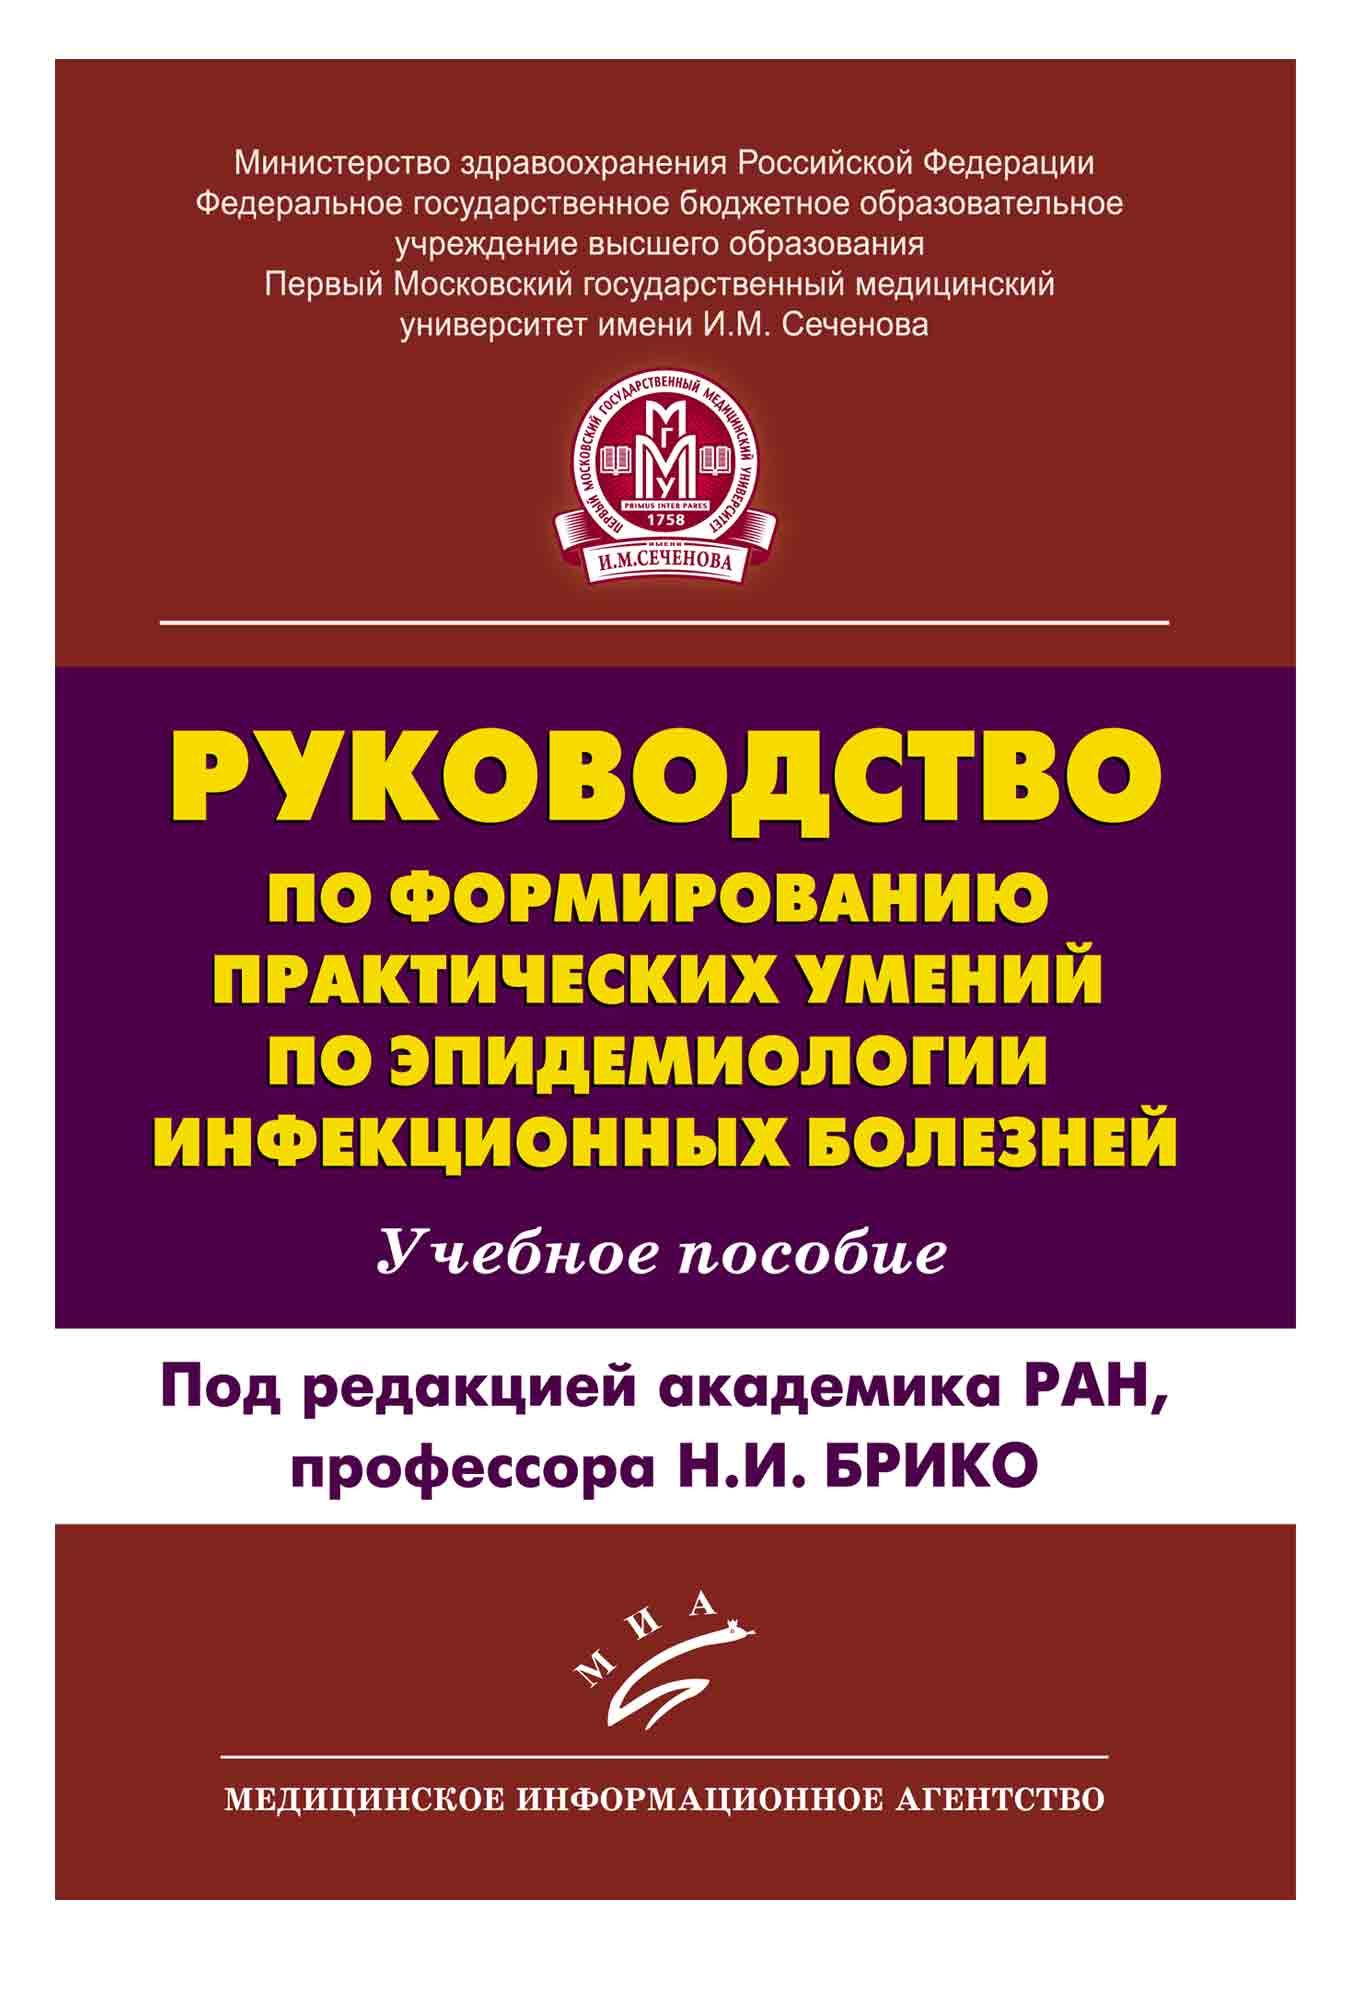 Эпидемиология покровский скачать pdf